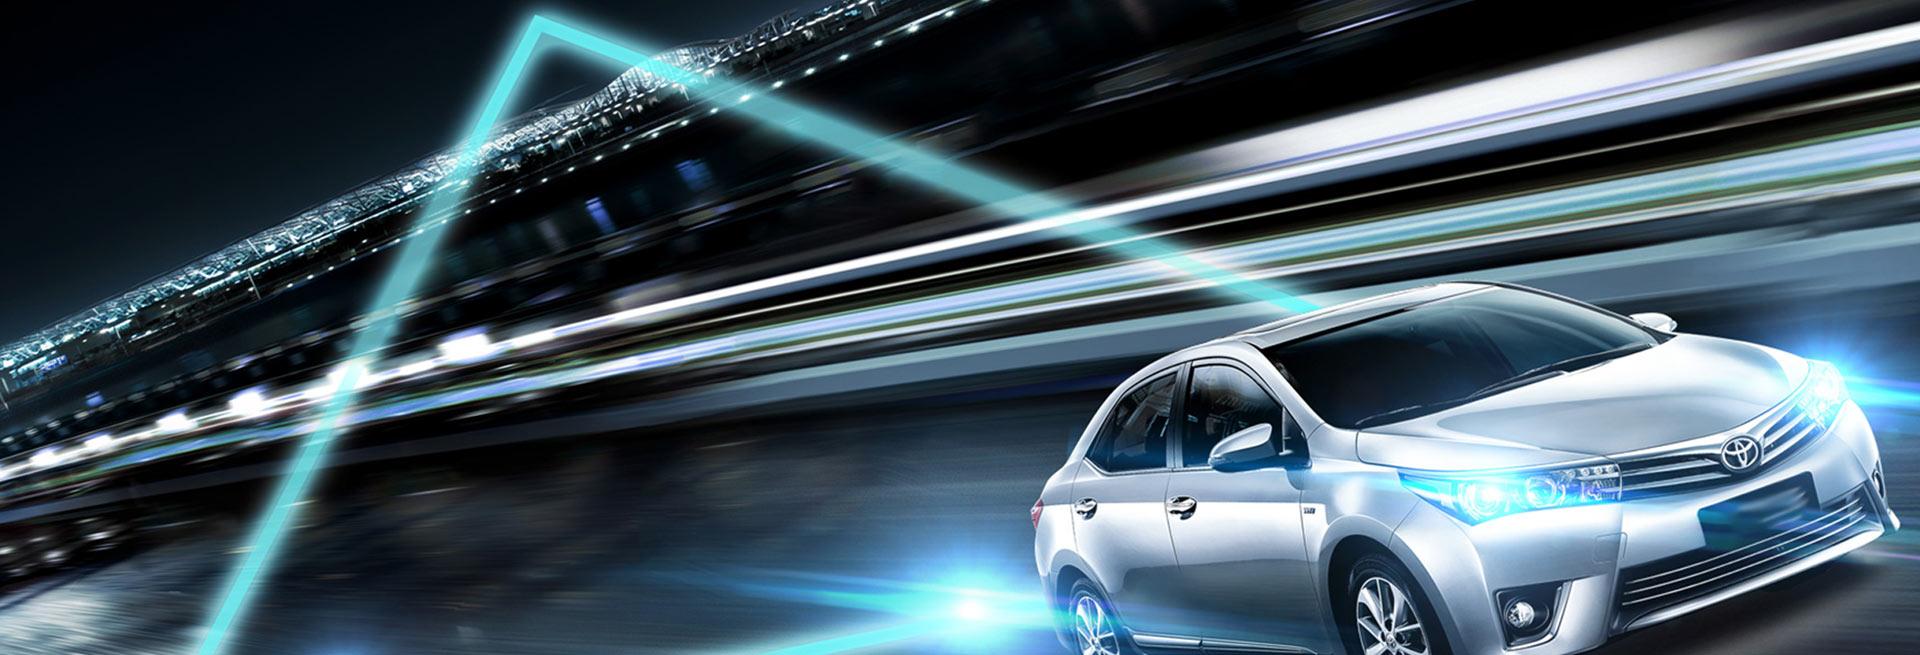 酷炫的选择,品质的服务,沈阳鑫佑康汽车玻璃公司是您不会后悔的汽车玻璃服务选择